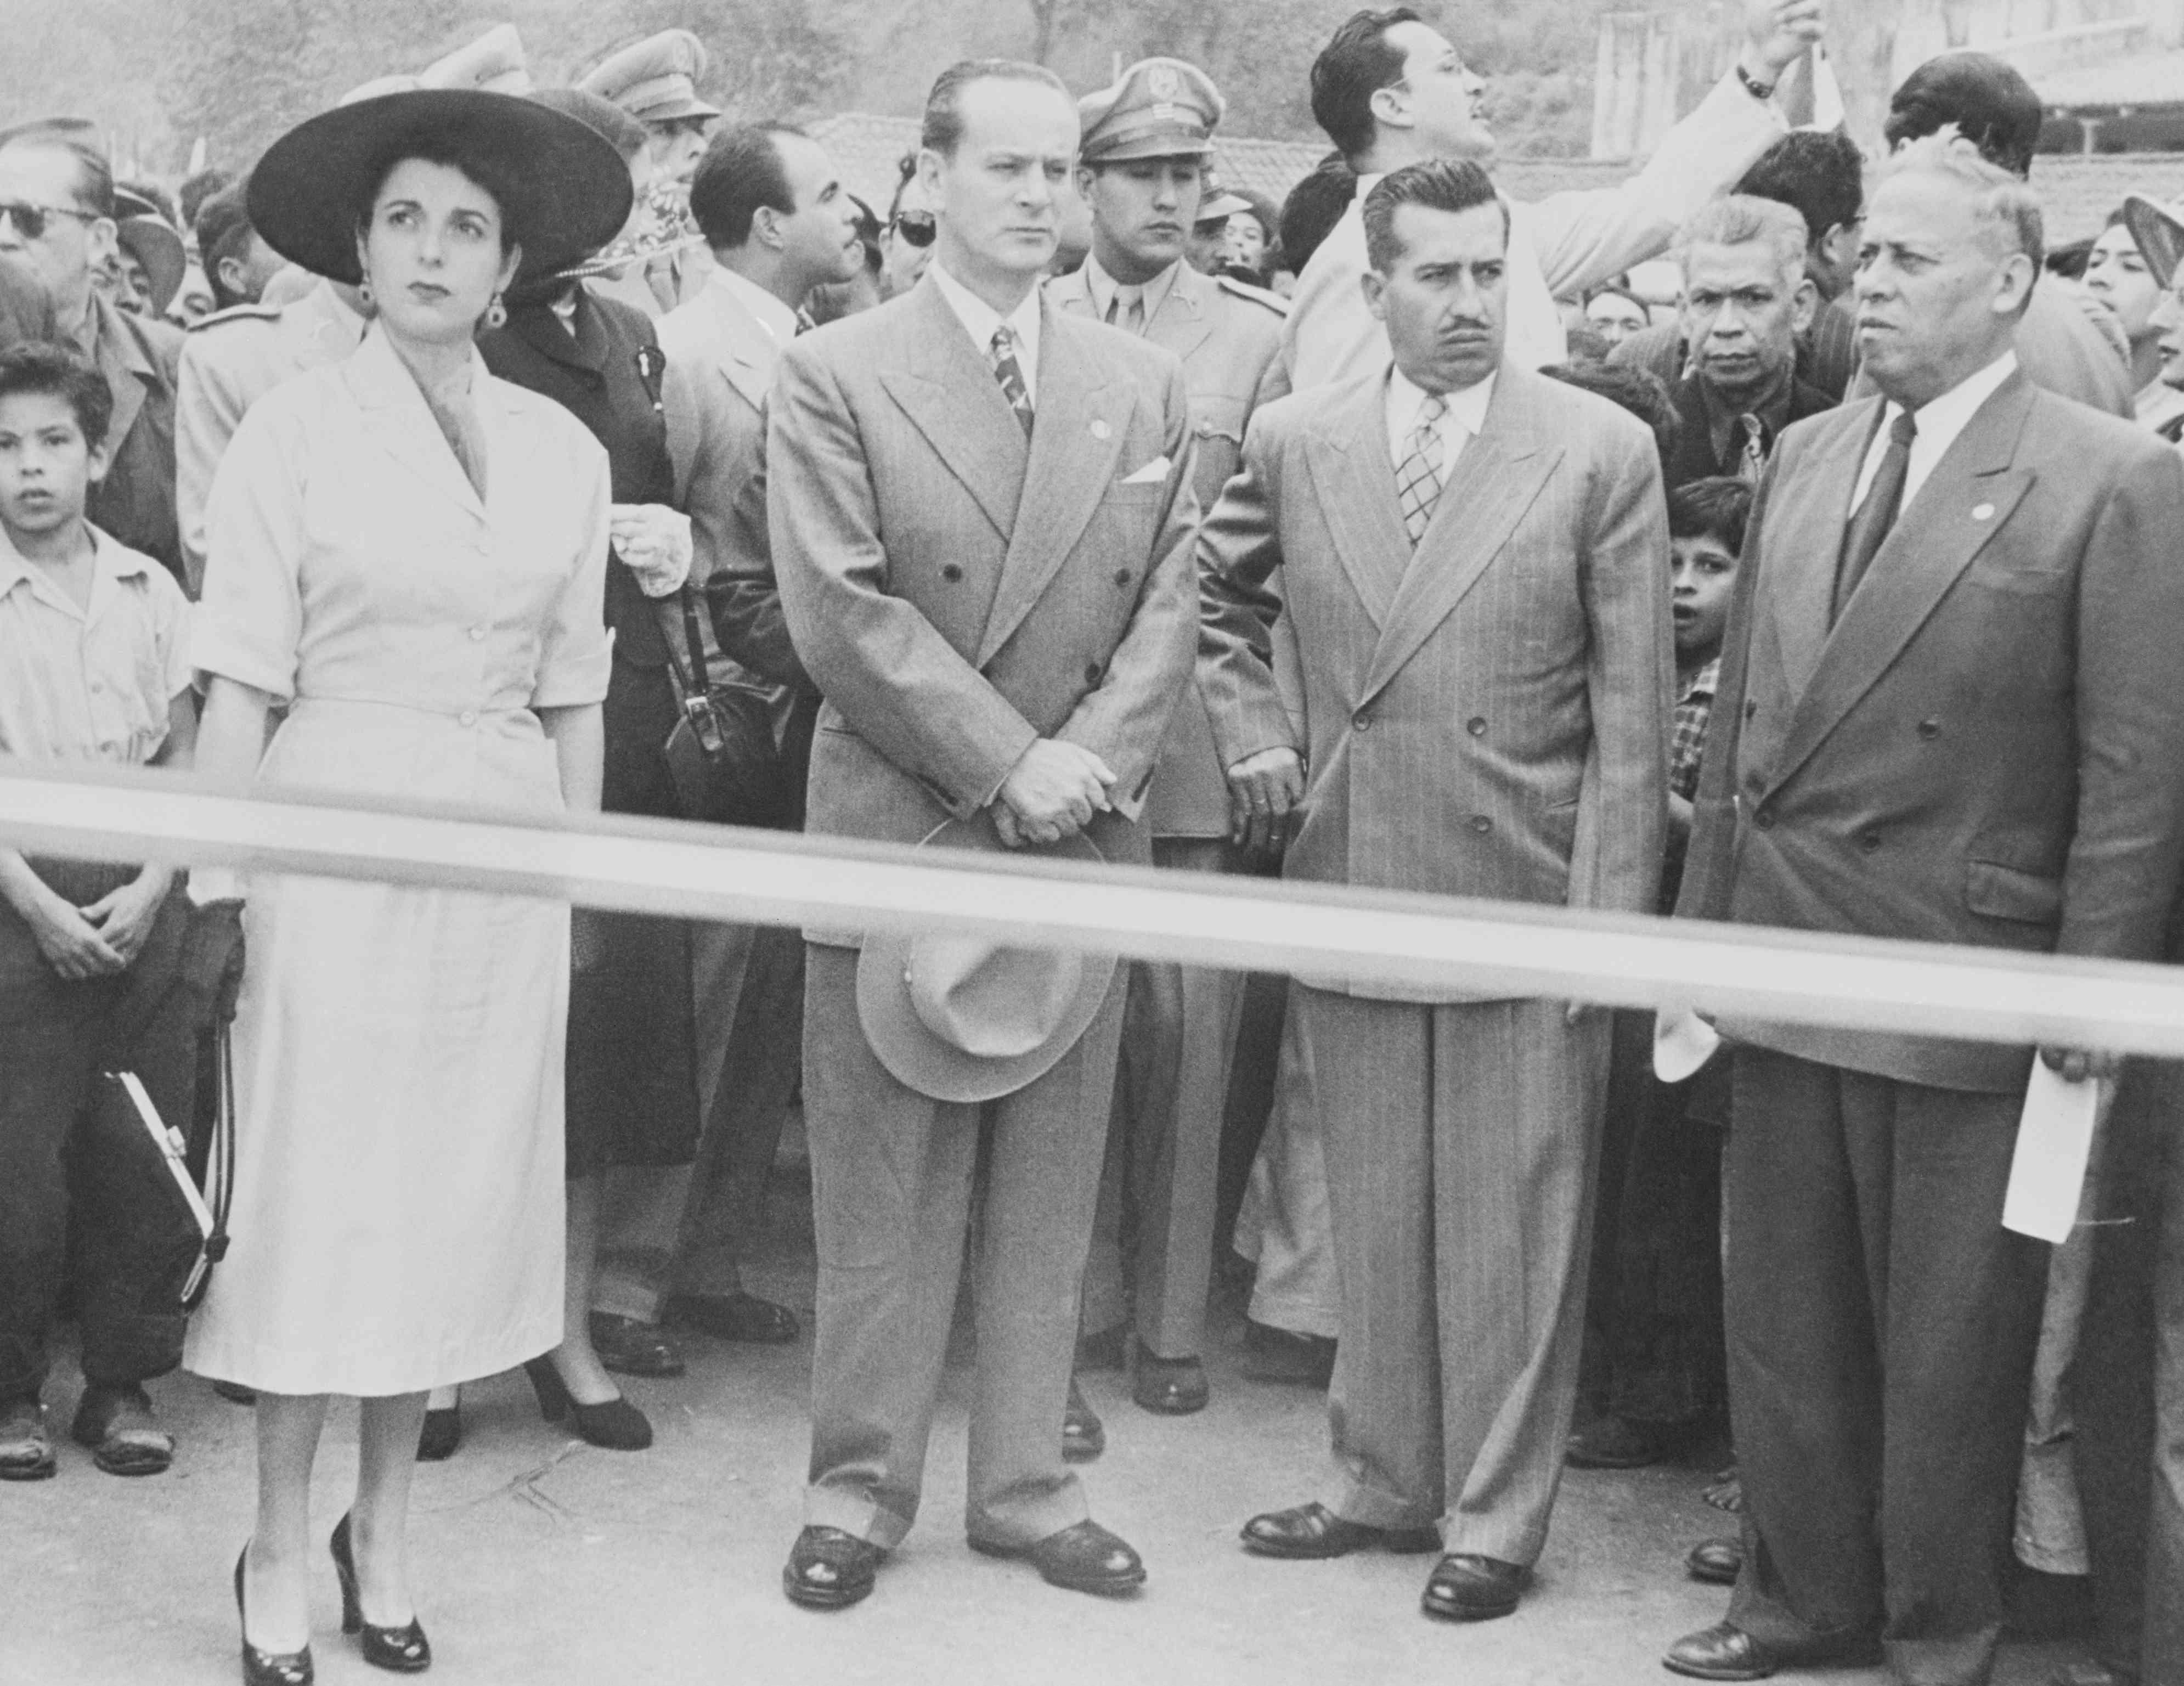 El presidente guatemalteco Jacobo Arbenz y sus asociados después del golpe de Estado respaldado por Estados Unidos, 1954